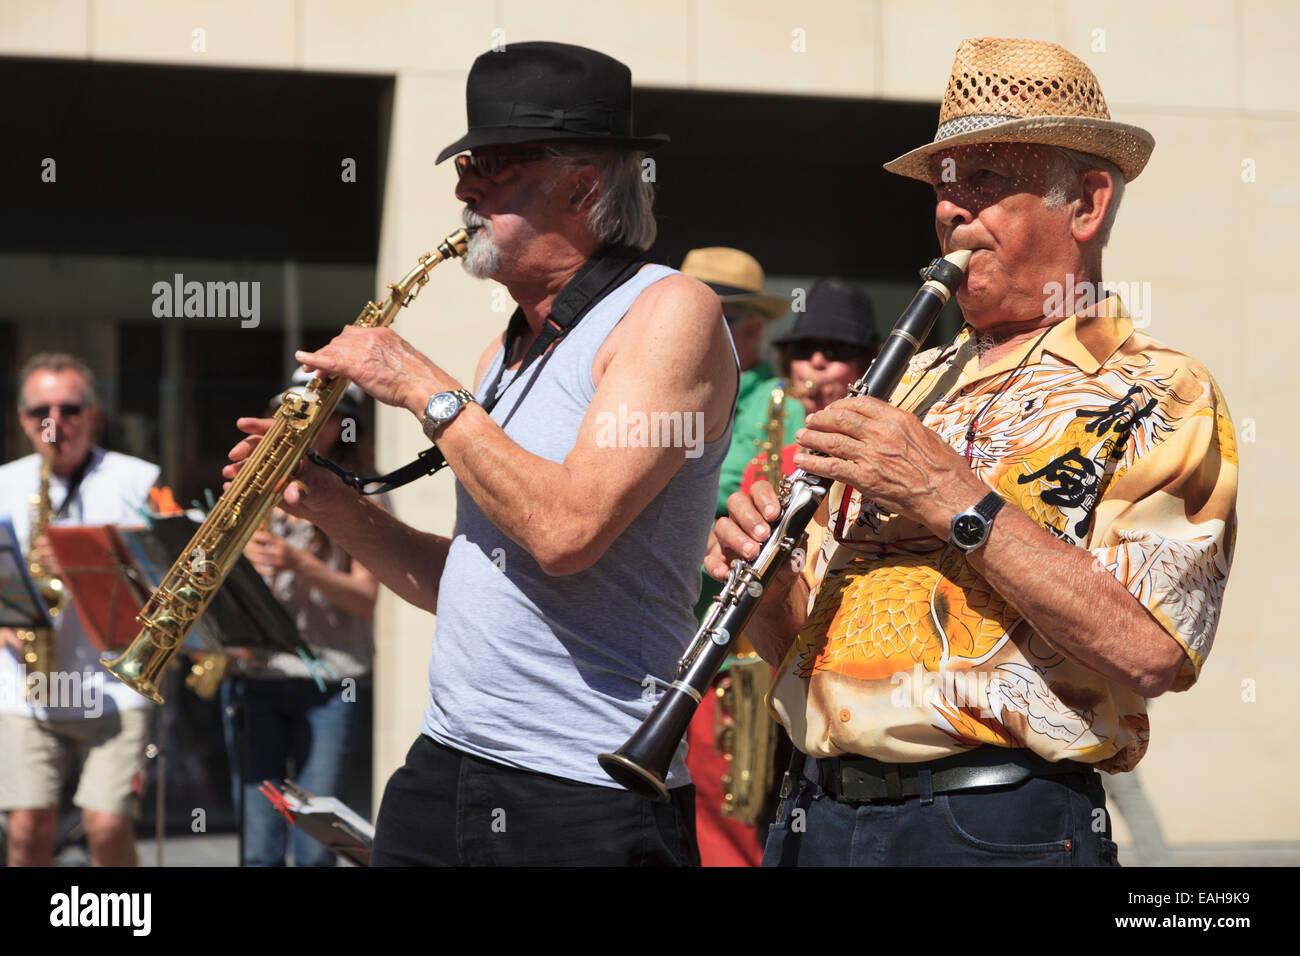 Musicians at the Fête de la Musique, Rouen, France (2014) - Stock Image